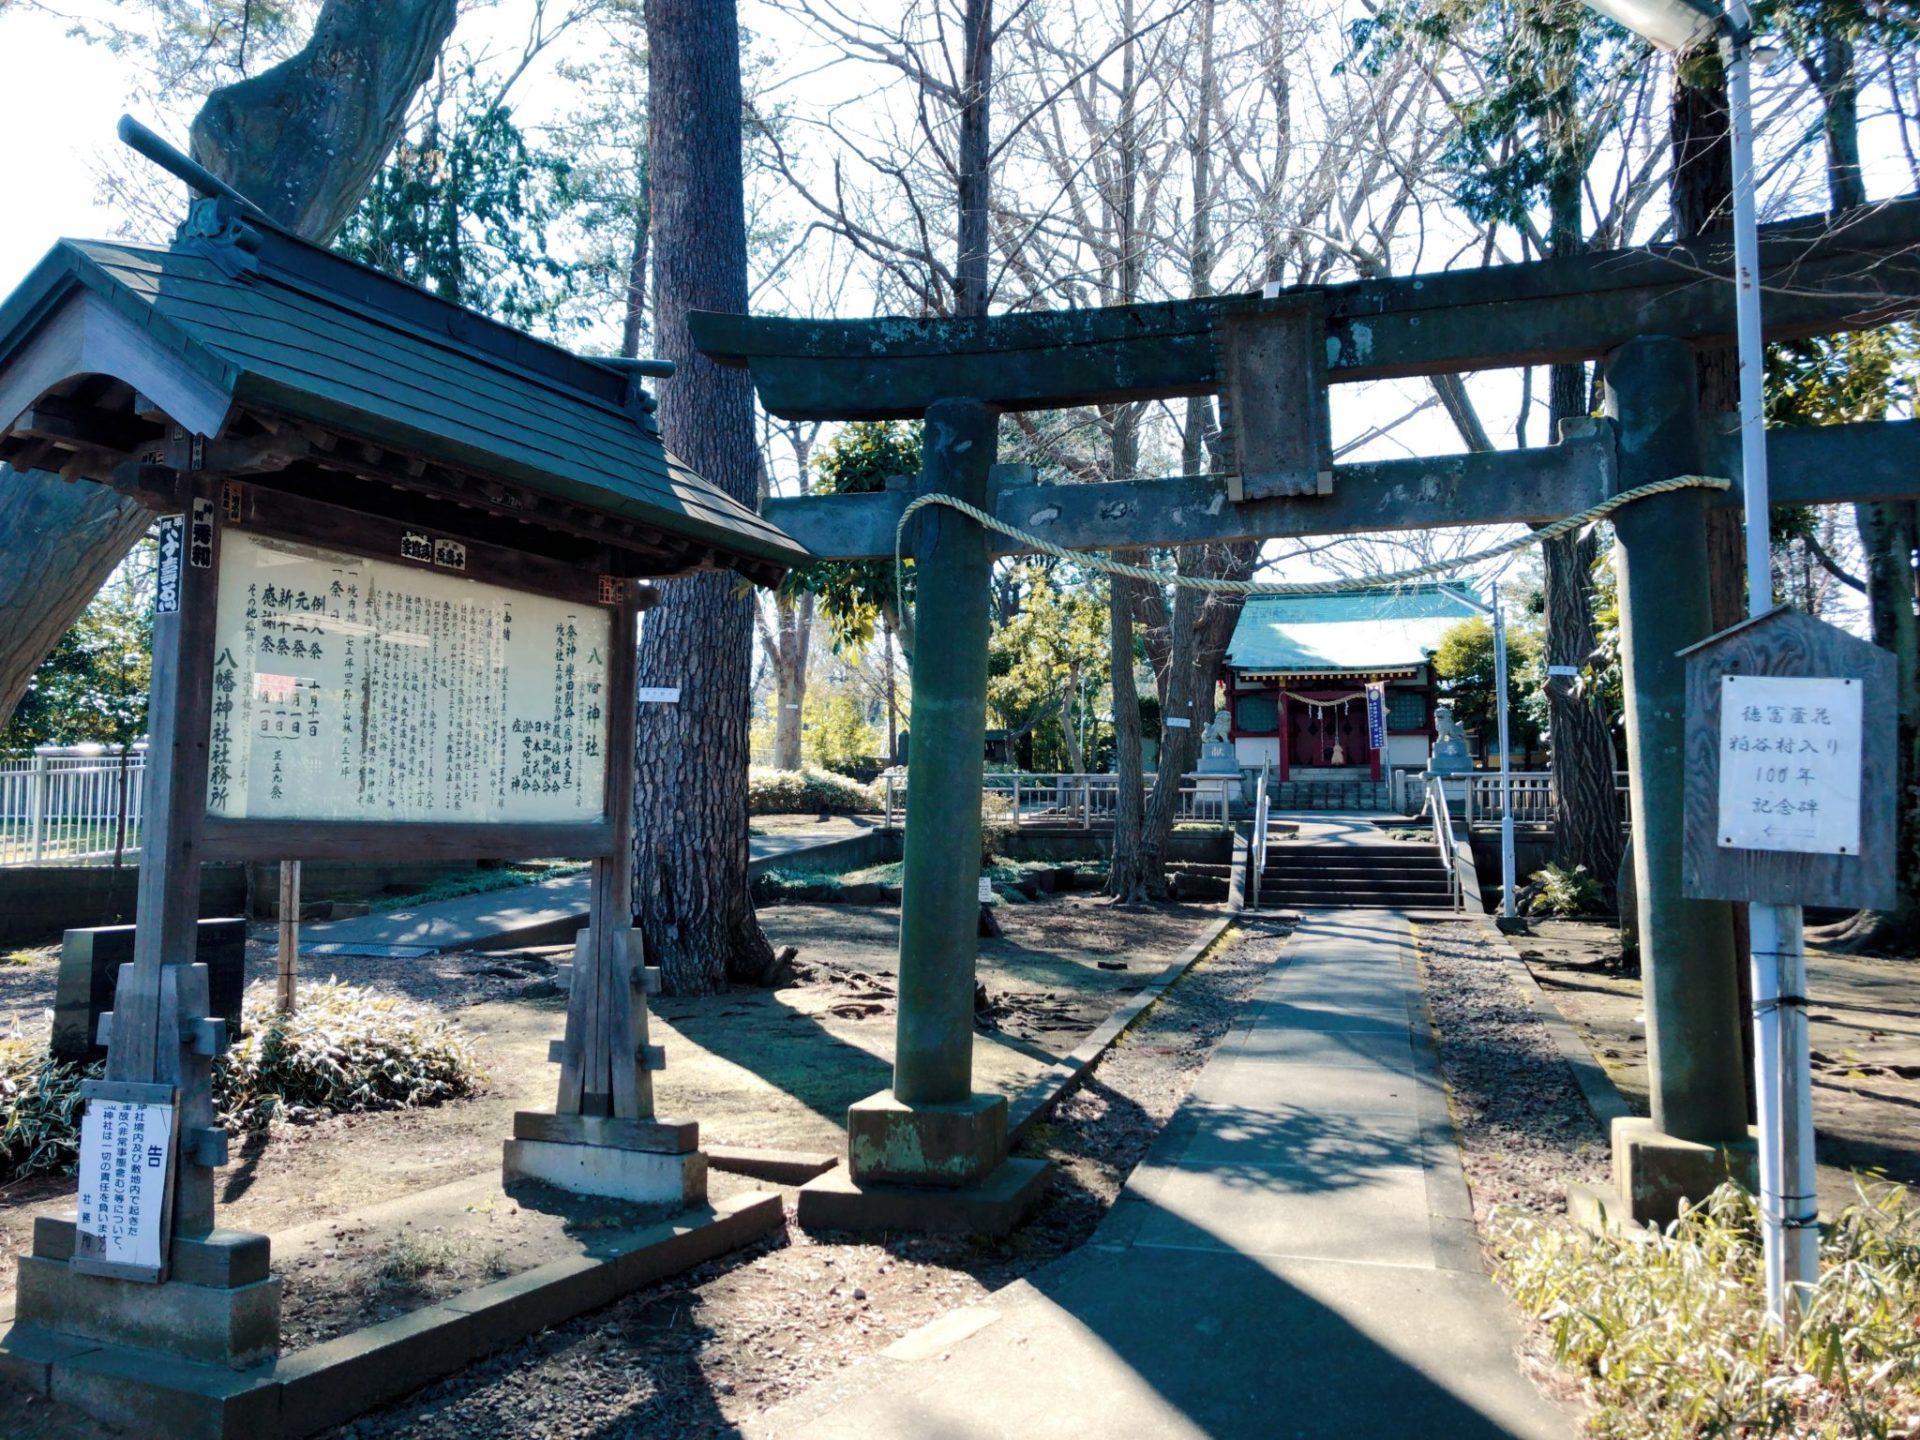 芦花公園(蘆花恒春園)の八幡神社